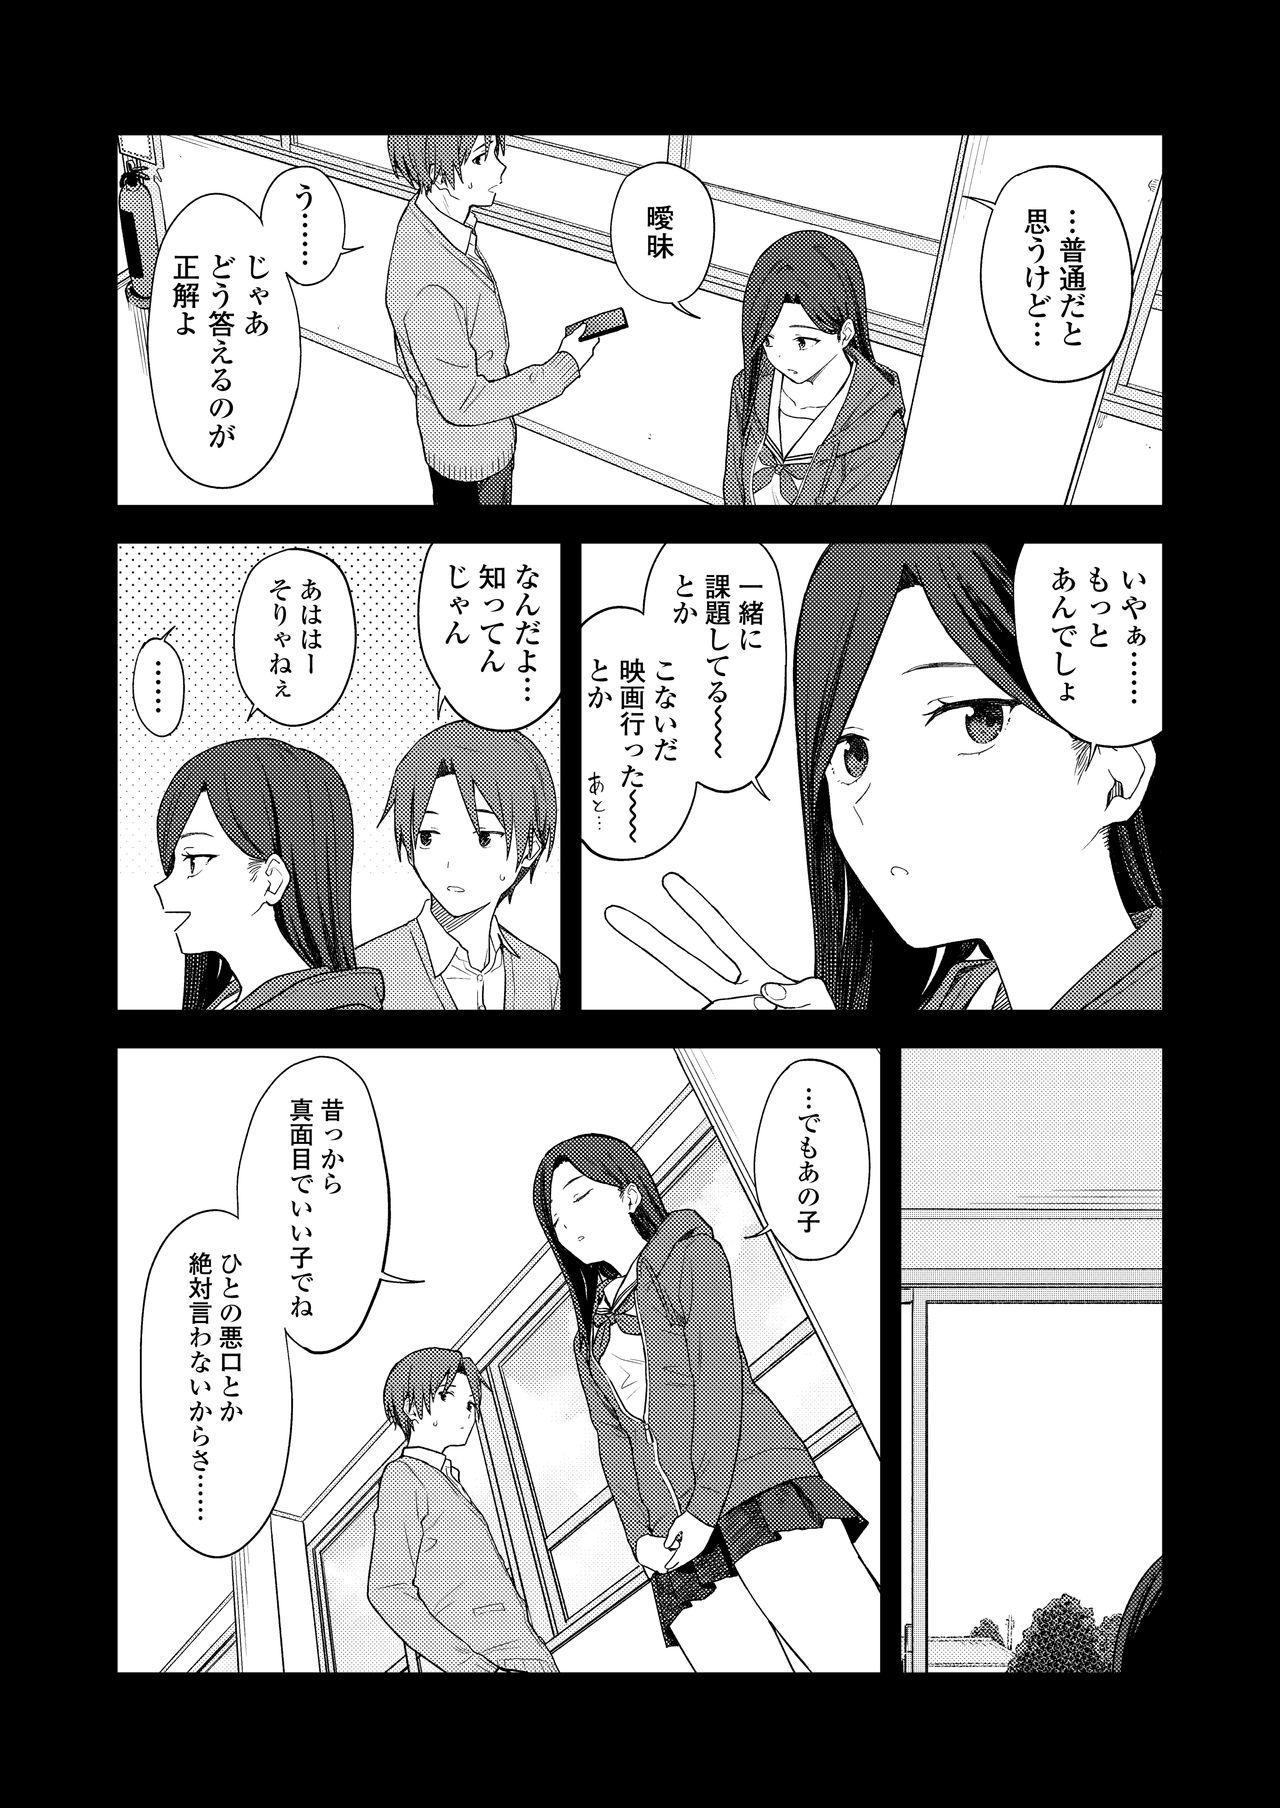 COMIC AOHA 2021 Natsu 18